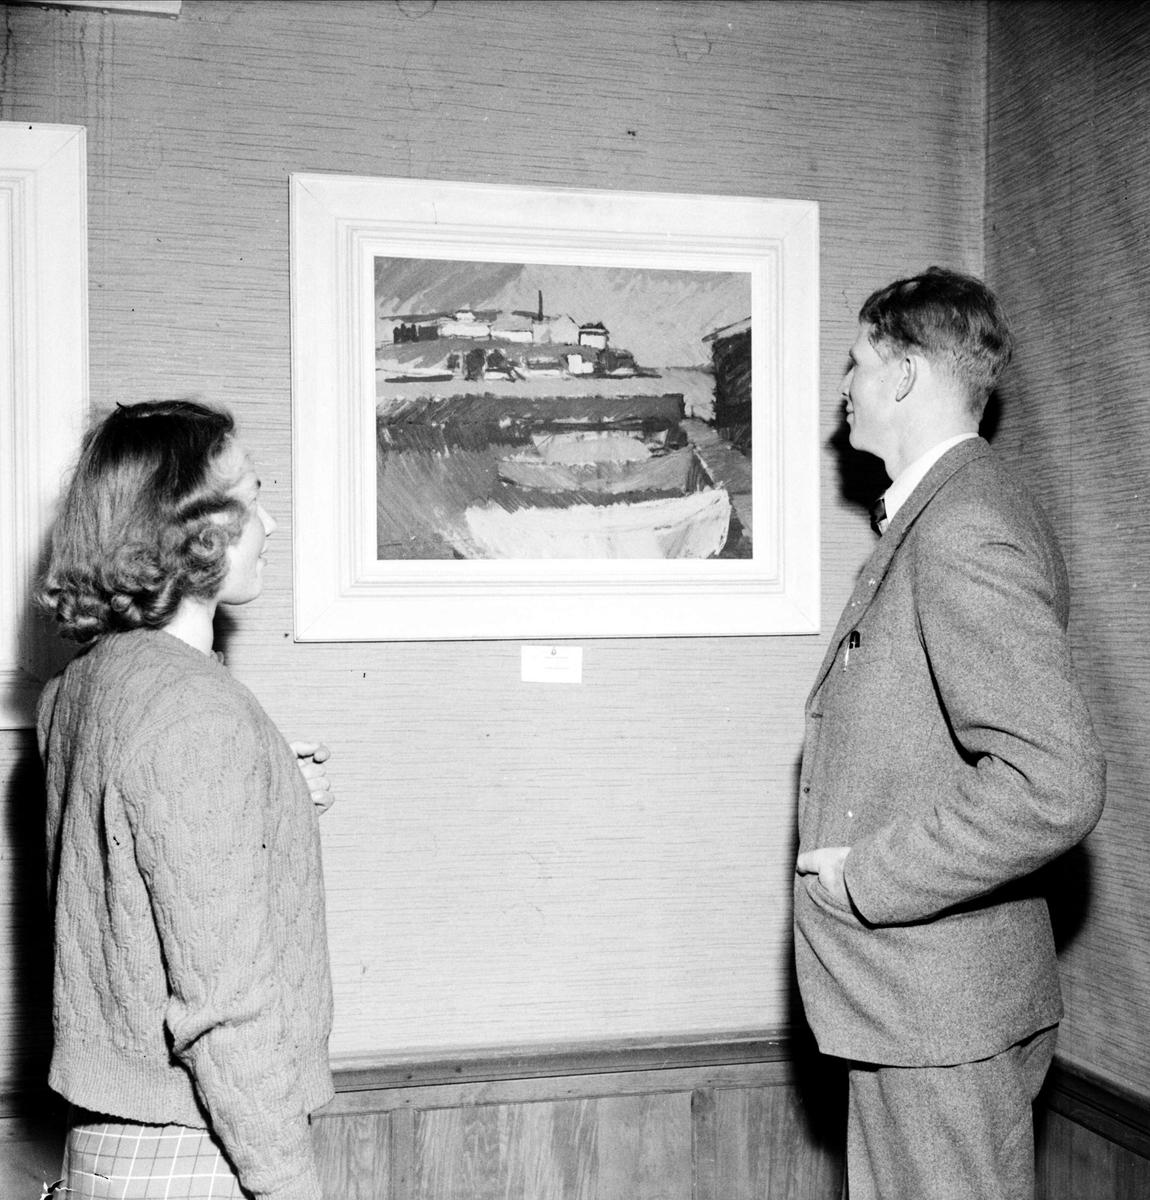 Upplands konstförenings utställning i Dannemora hembygdsgård